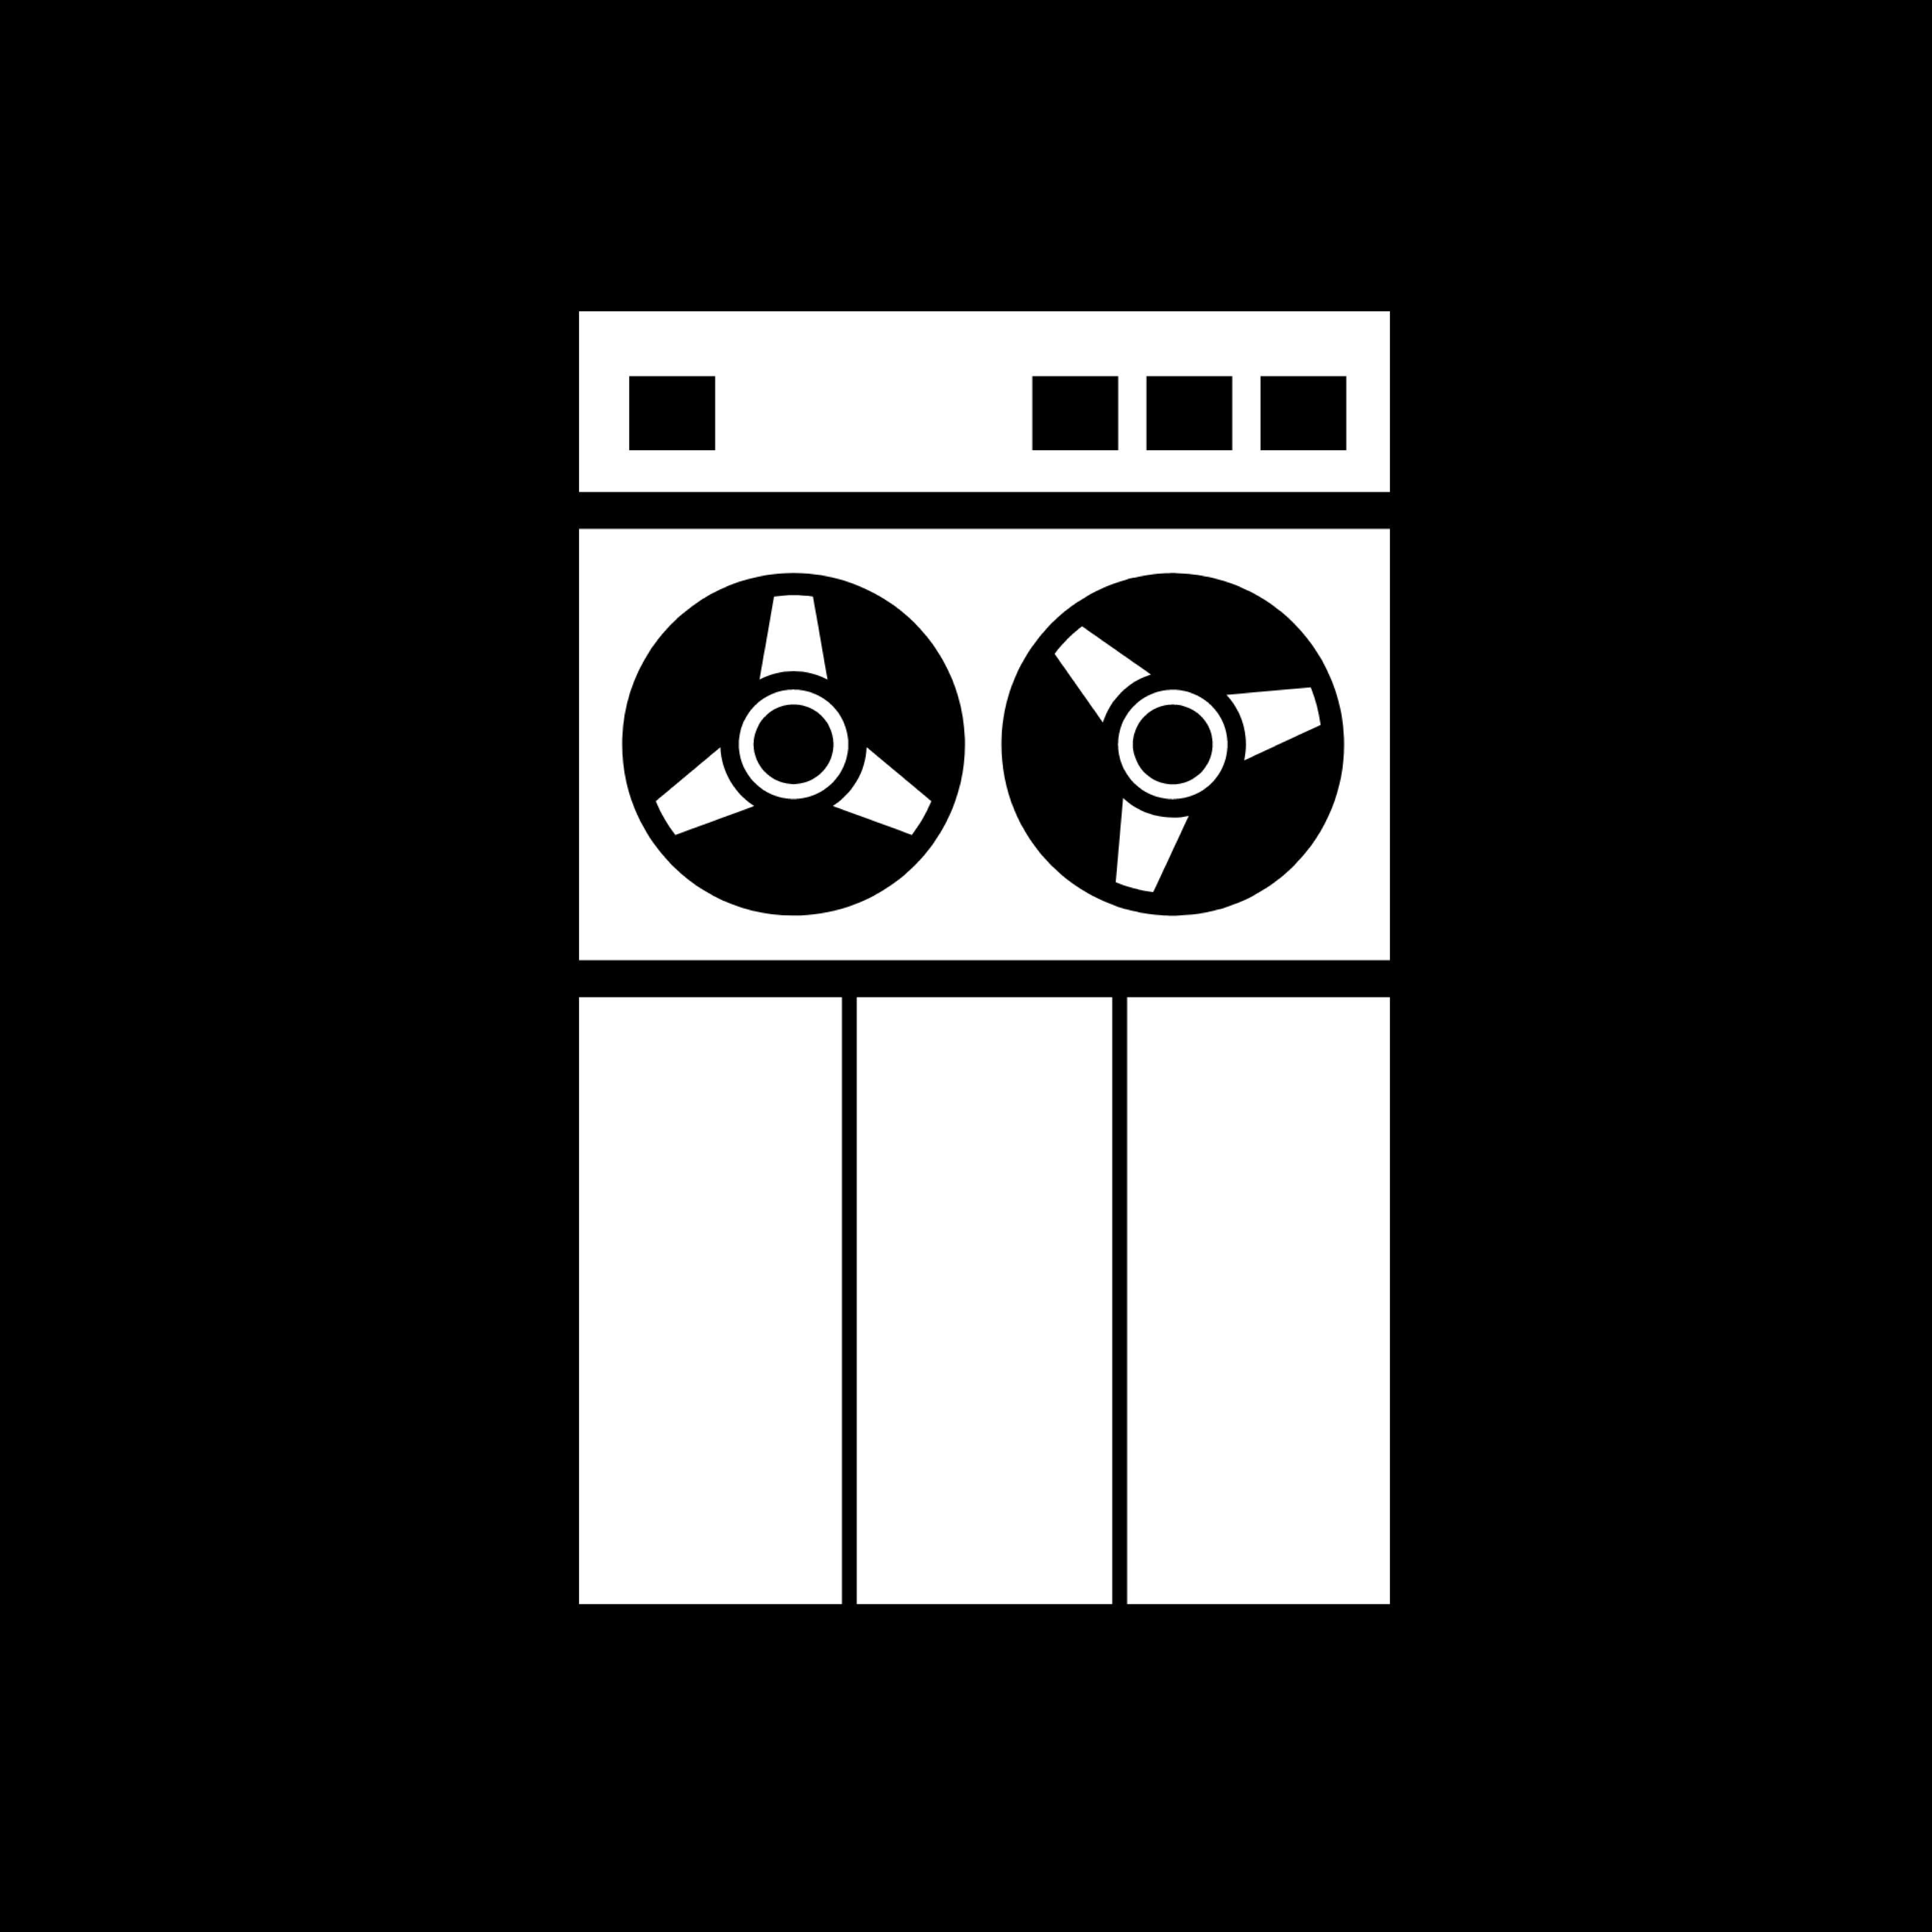 Shockbyte logo black symbol